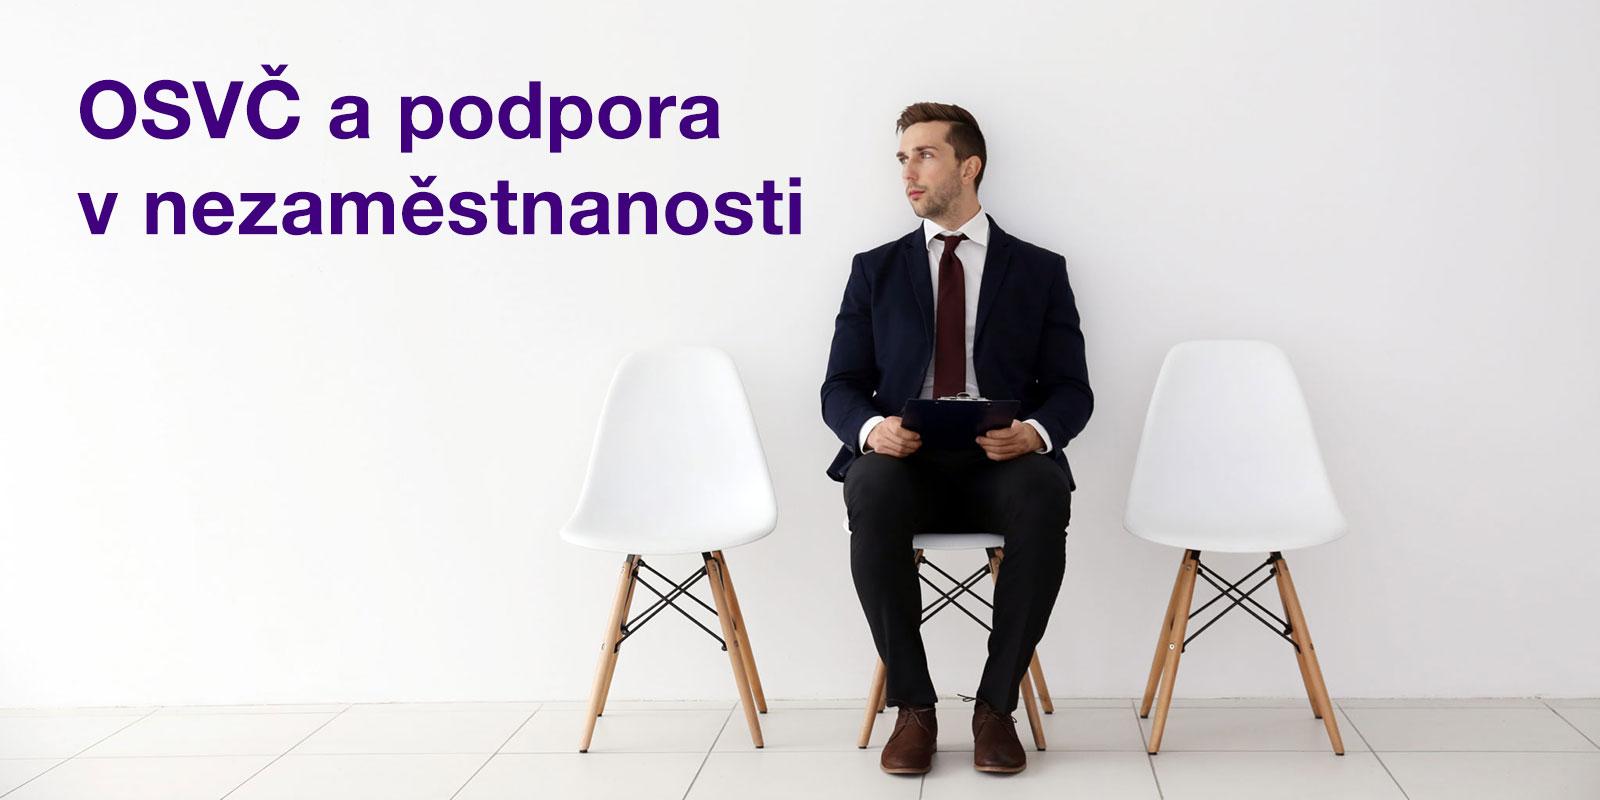 Podpora v nezaměstnanosti pro OSVČ. Jaké jsou podmínky a možnosti pro její získání v roce 2021?